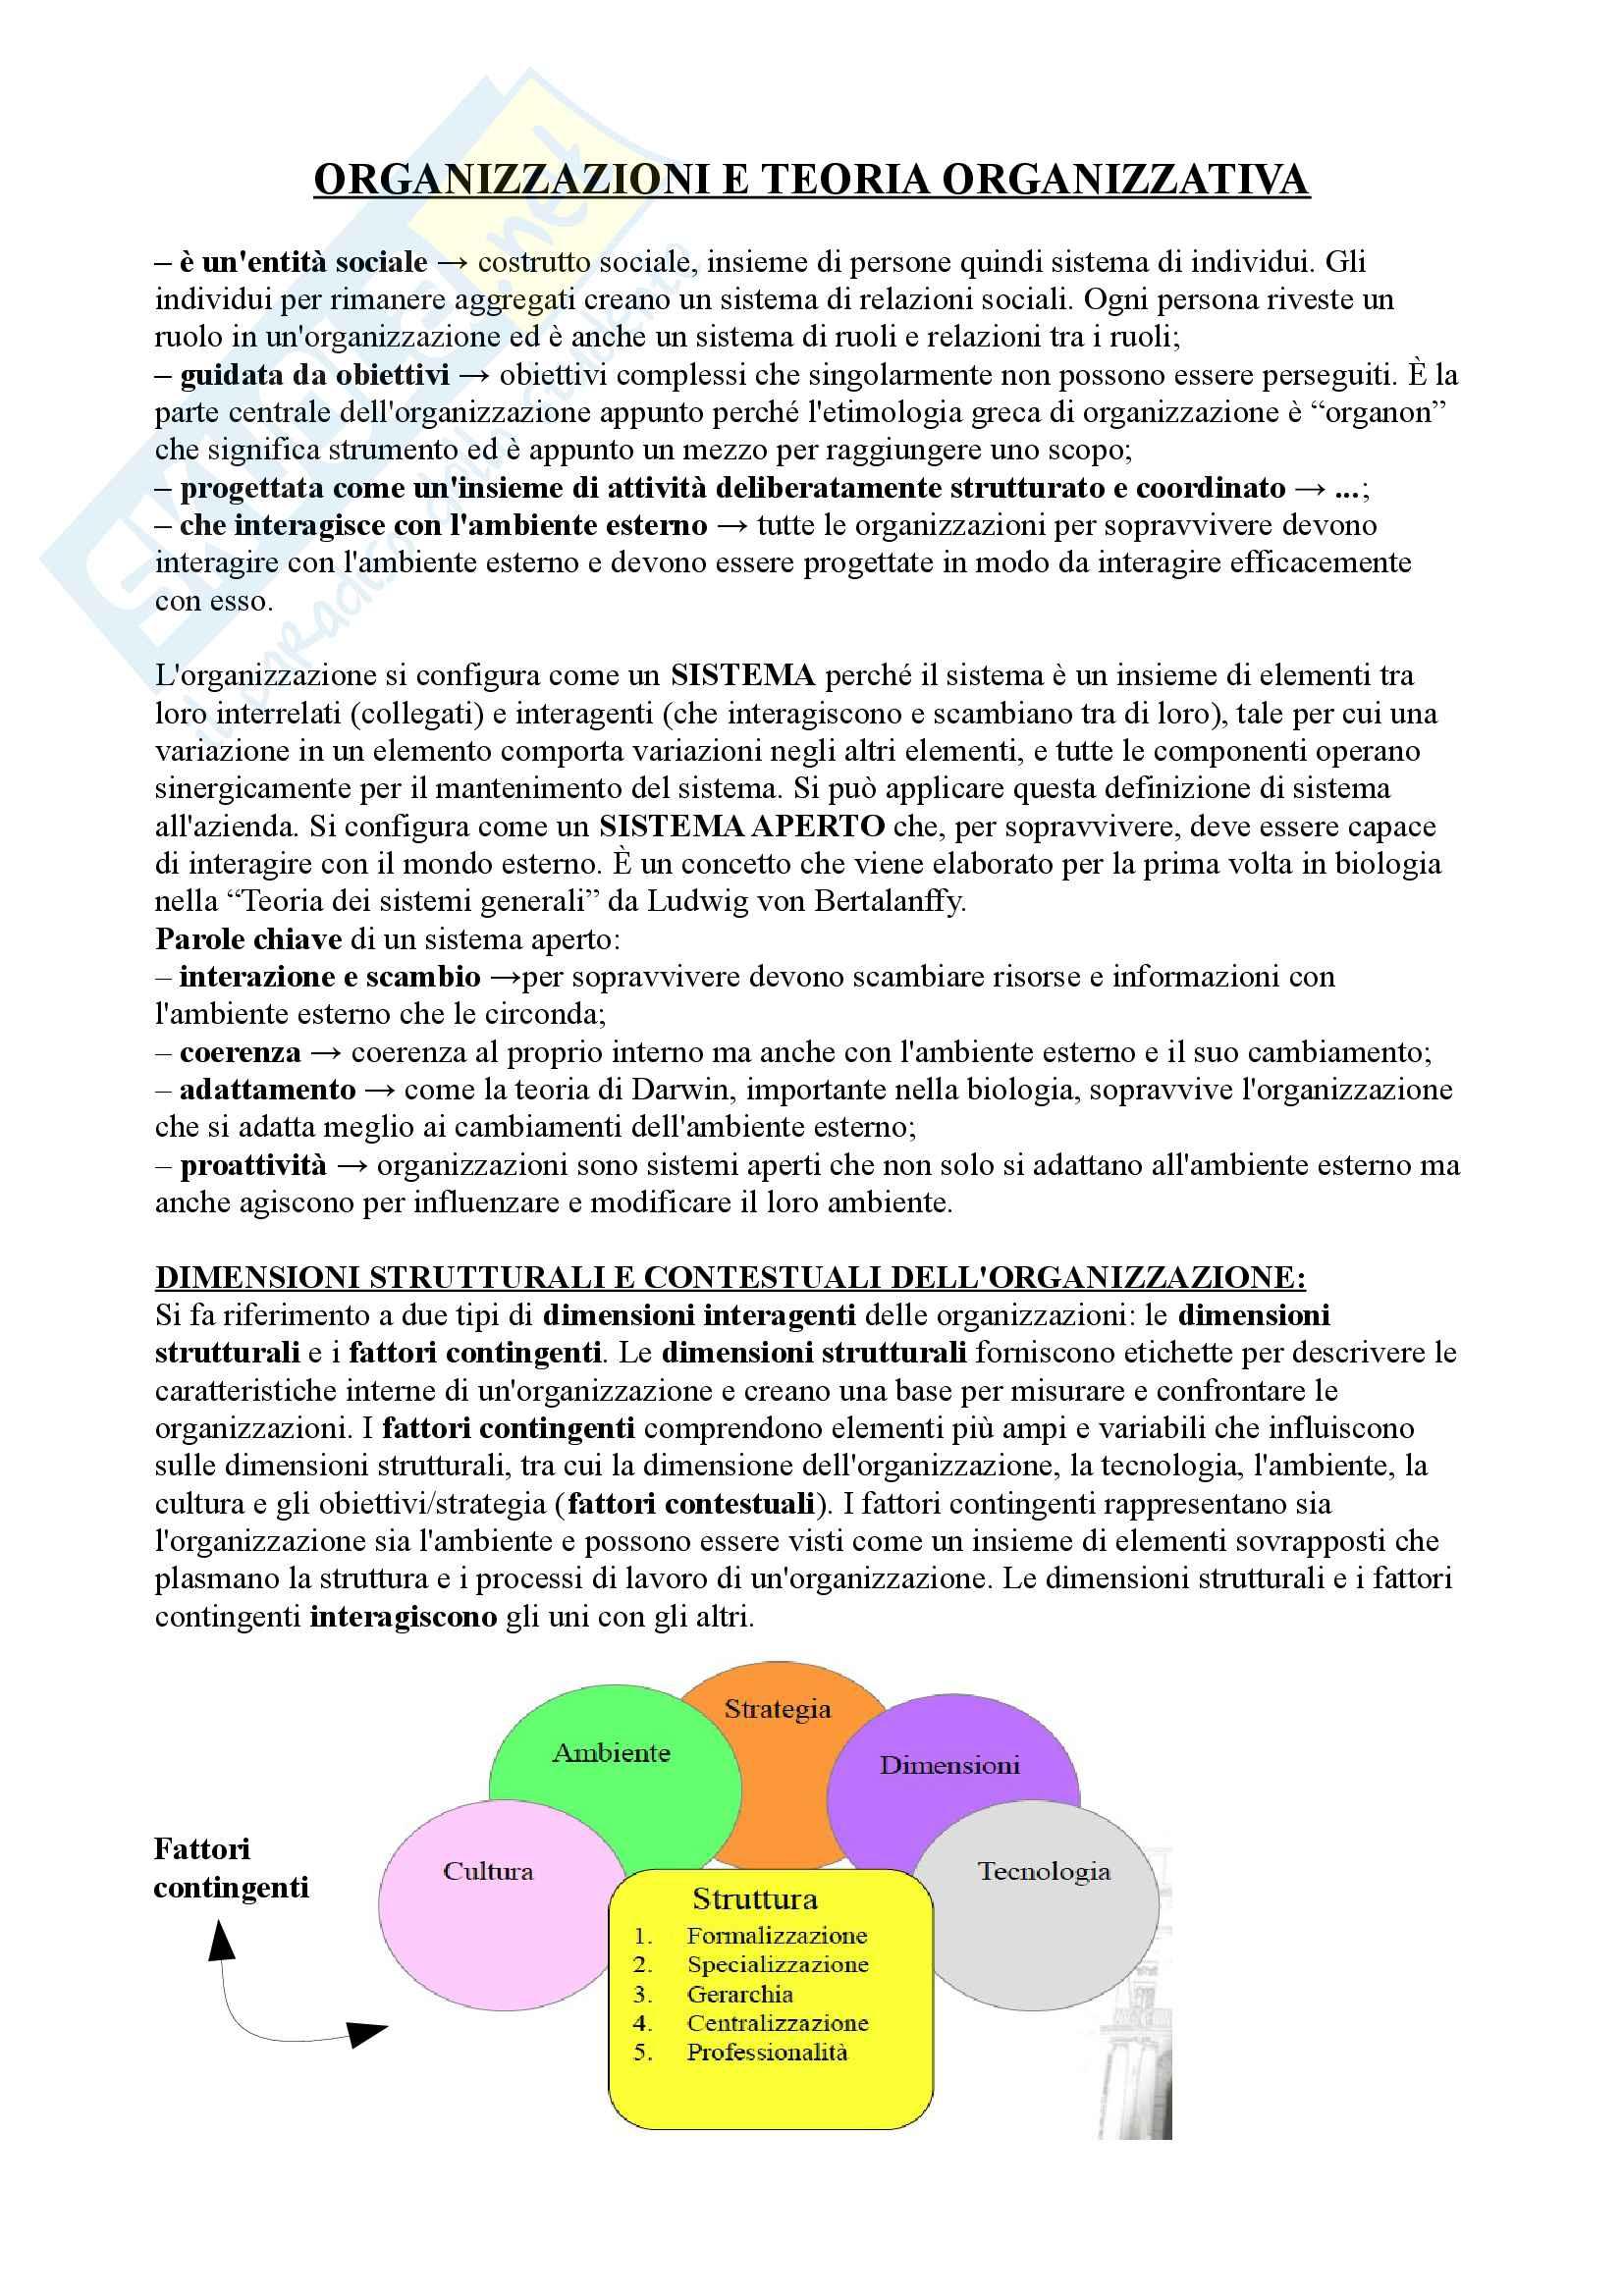 Riassunto esame organizzazione aziendale, prof. Isari